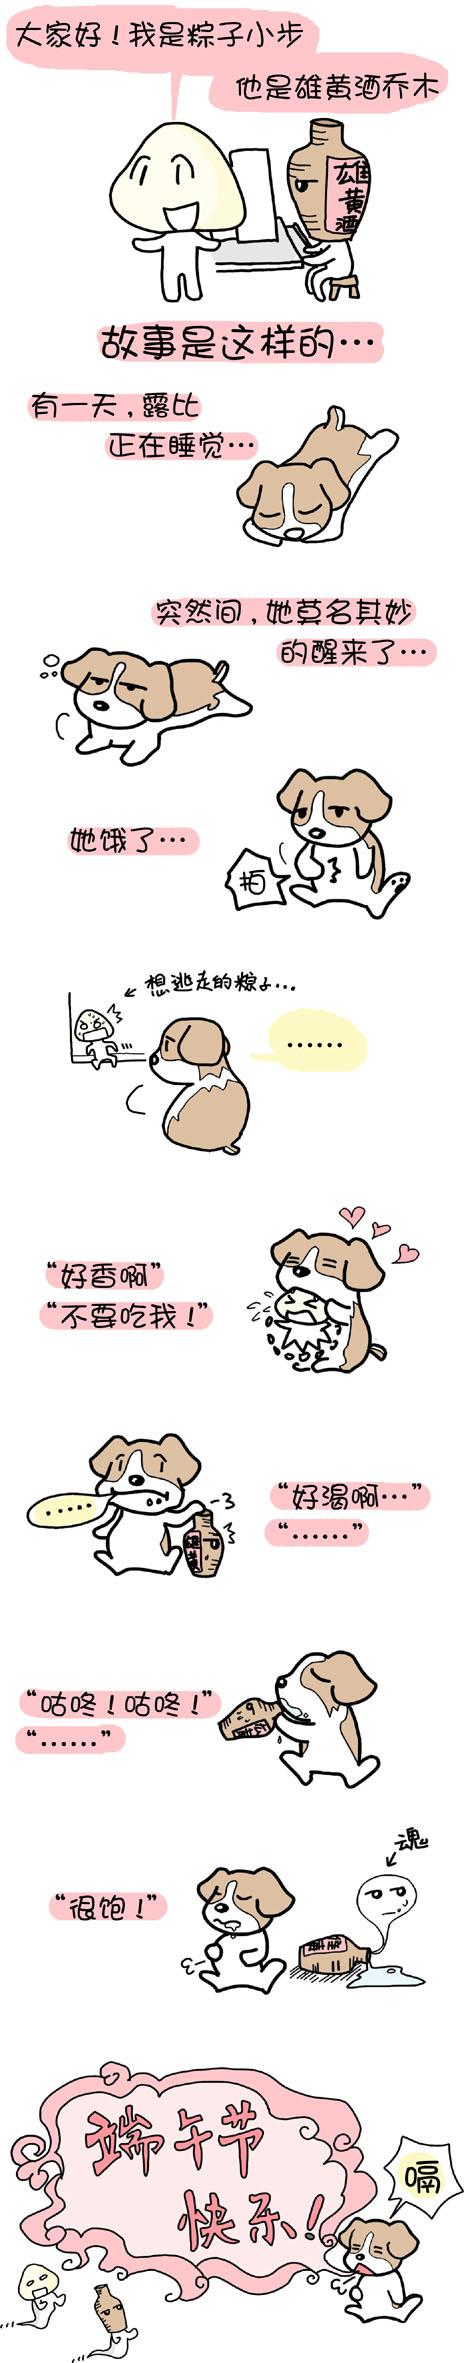 端午节快乐 - 小步 - 小步漫画日记